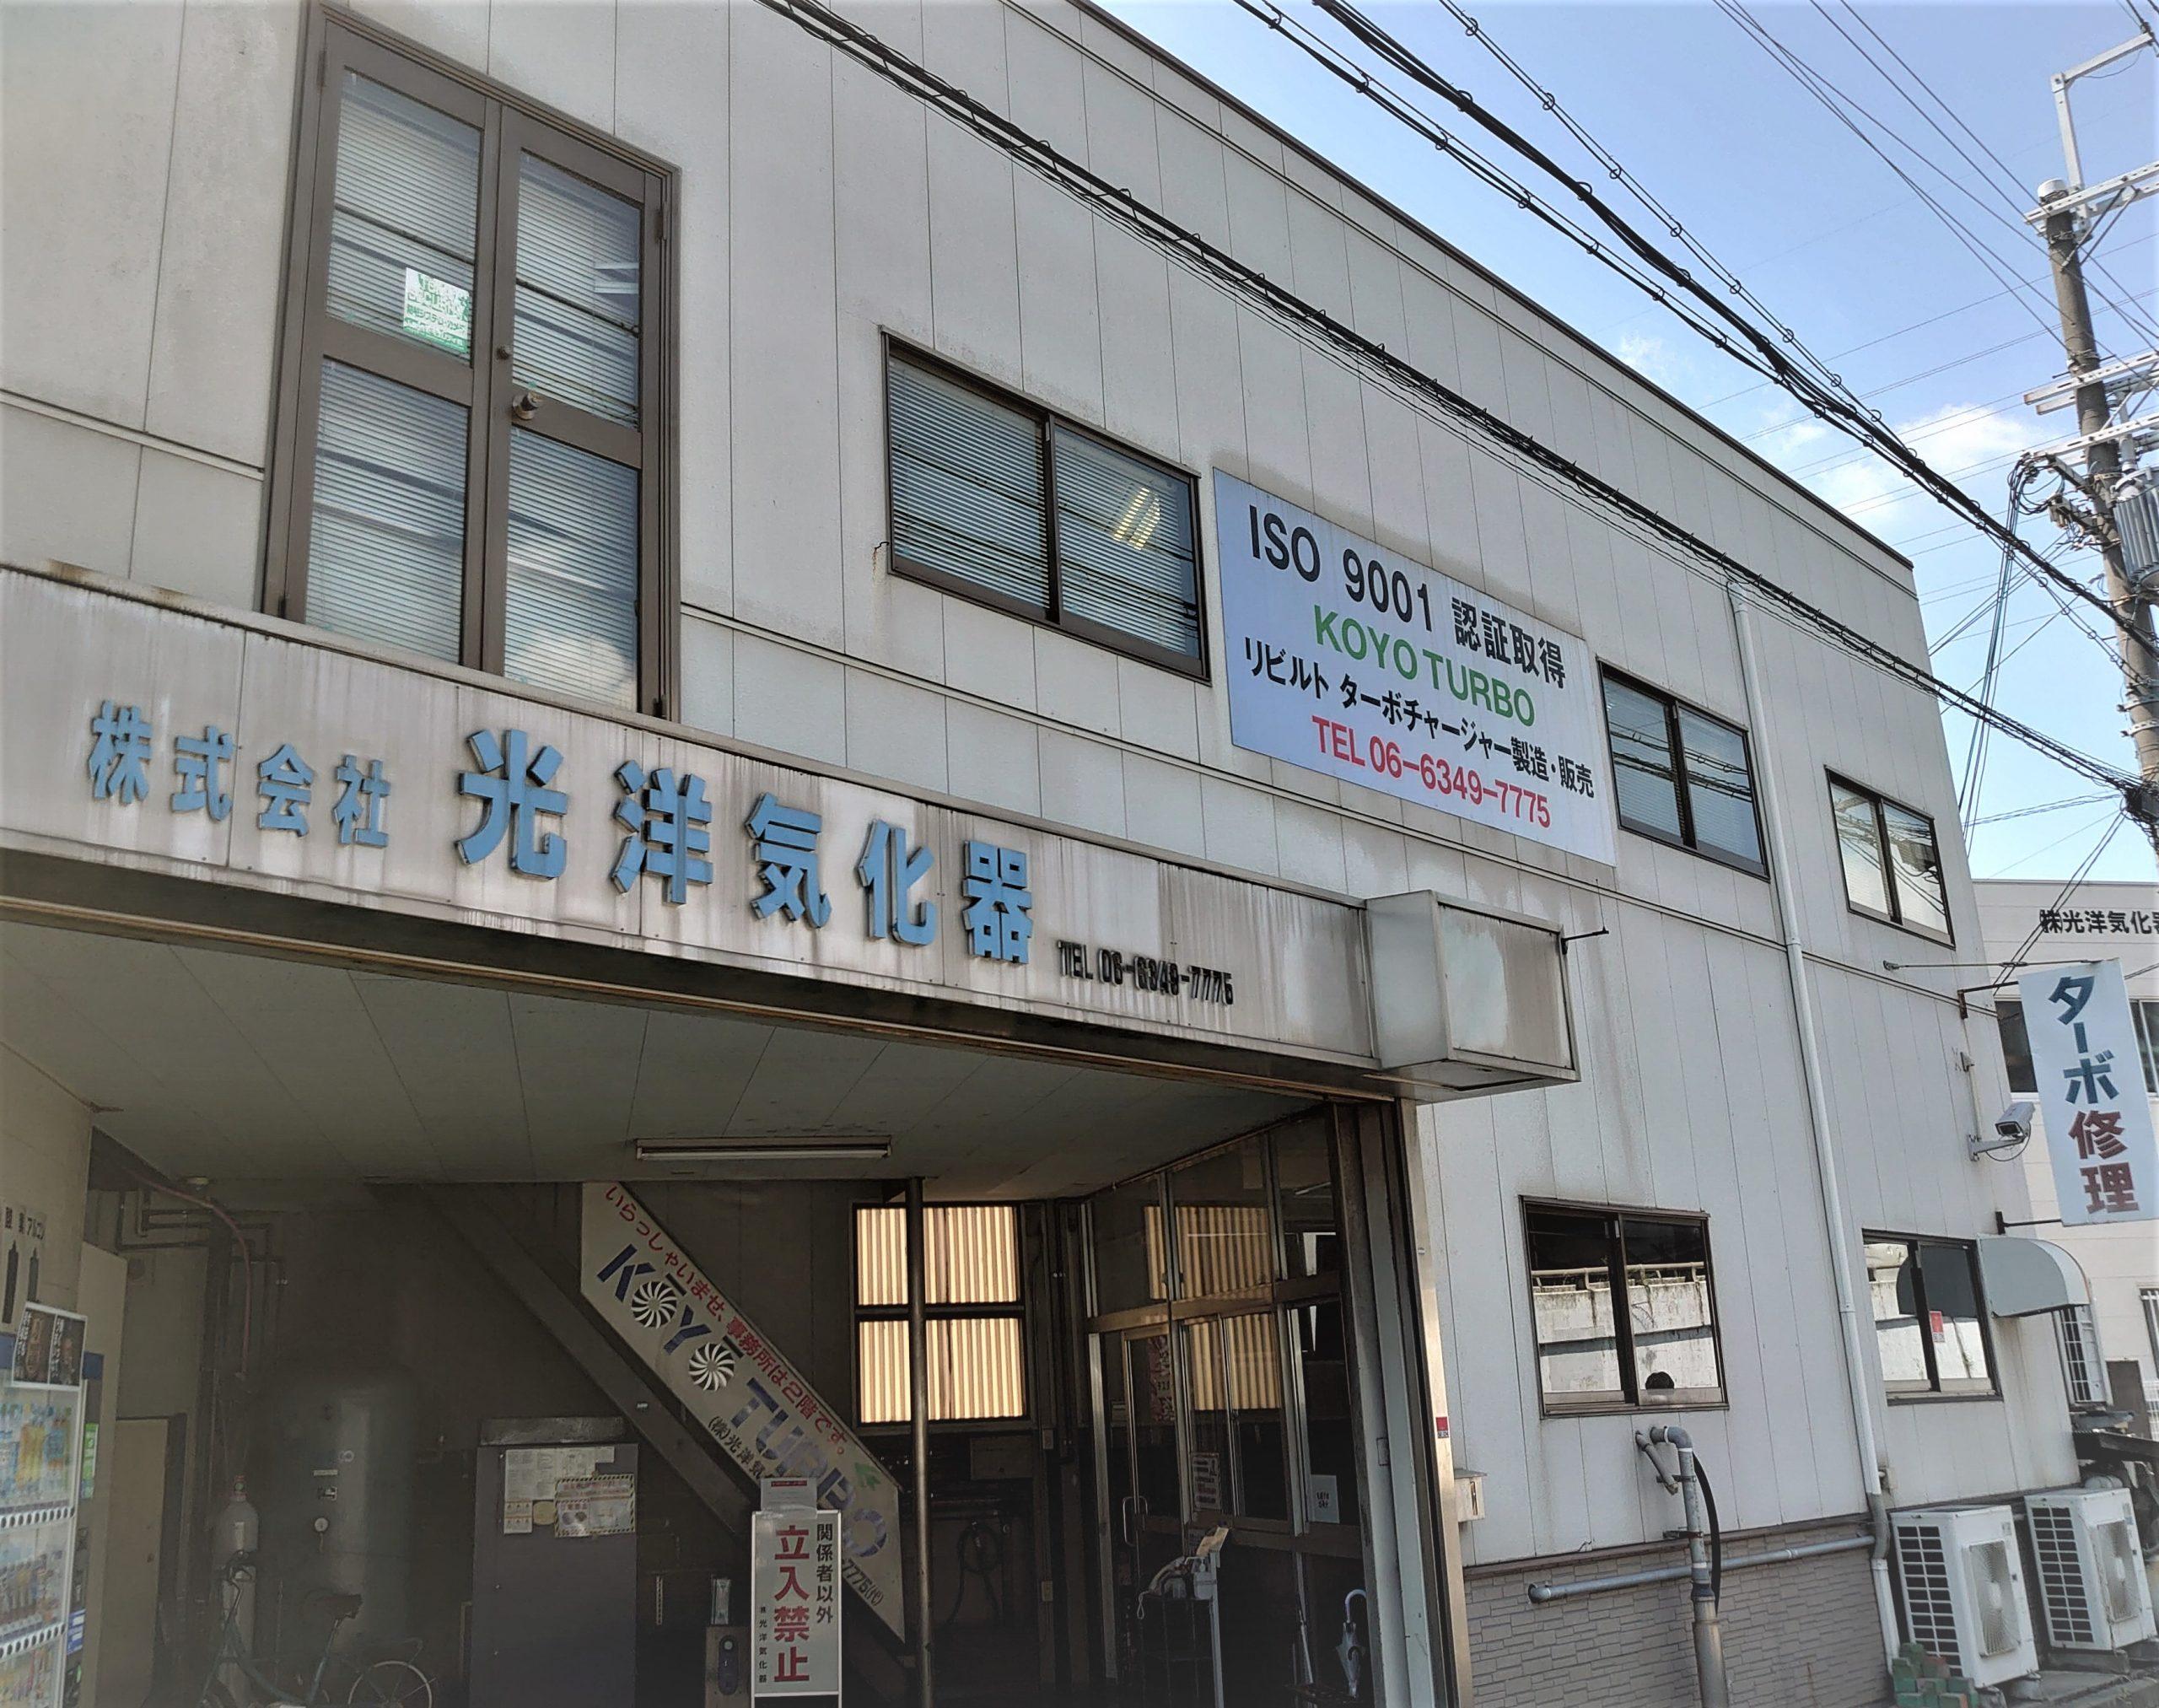 koyo kikaki office & Factory